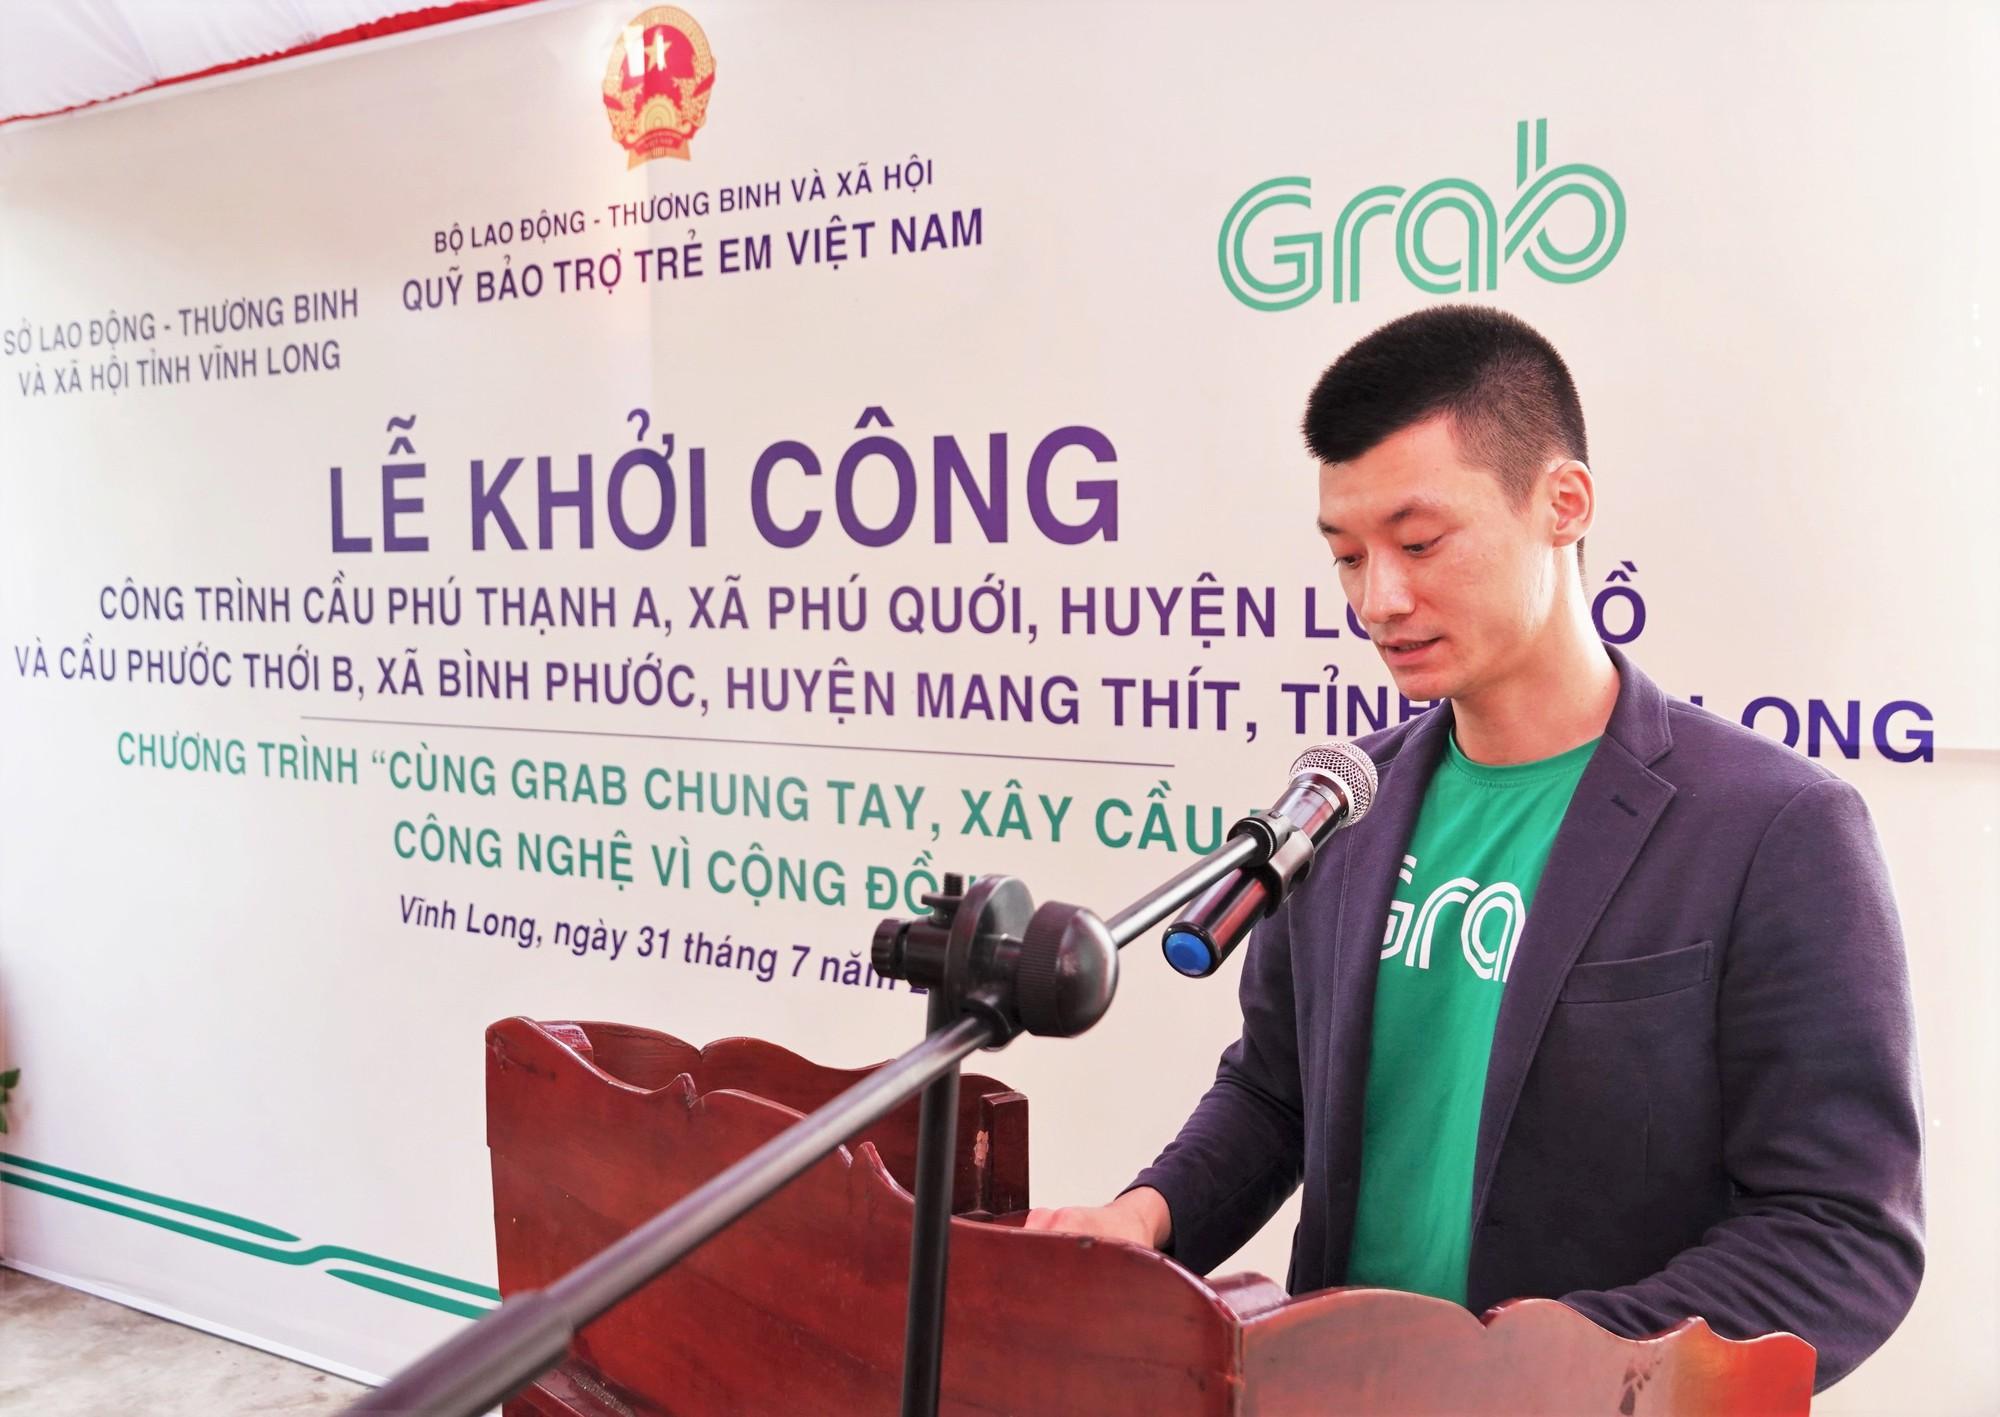 """Khởi công xây dựng hai cây cầu đầu tiên của Dự án """"Cùng Grab Chung Tay - Xây Cầu Đến Lớp"""" - Ảnh 2."""